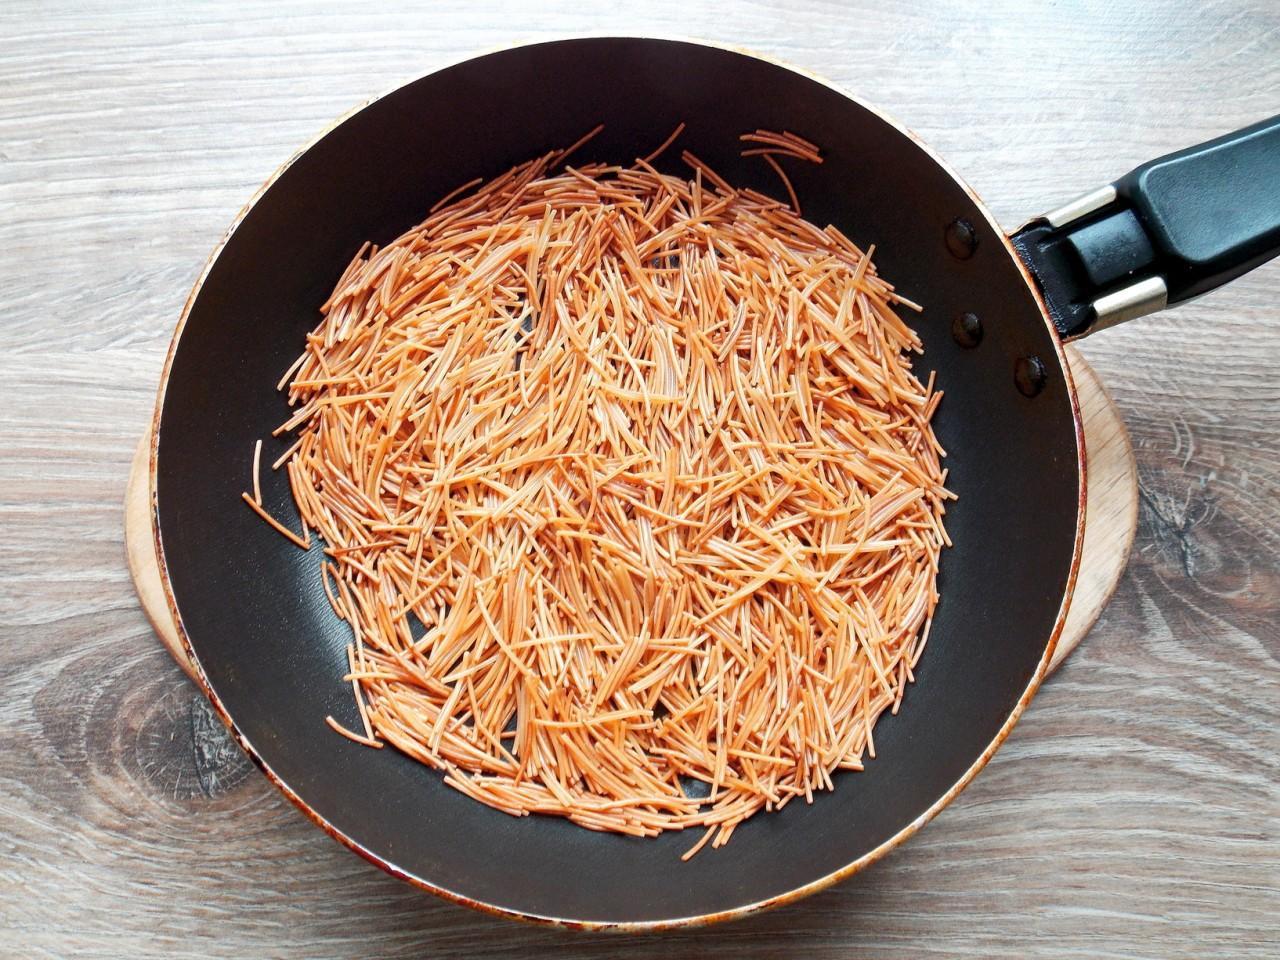 жареная вермишель на сковороде рецепт с фото интерьер двухместного